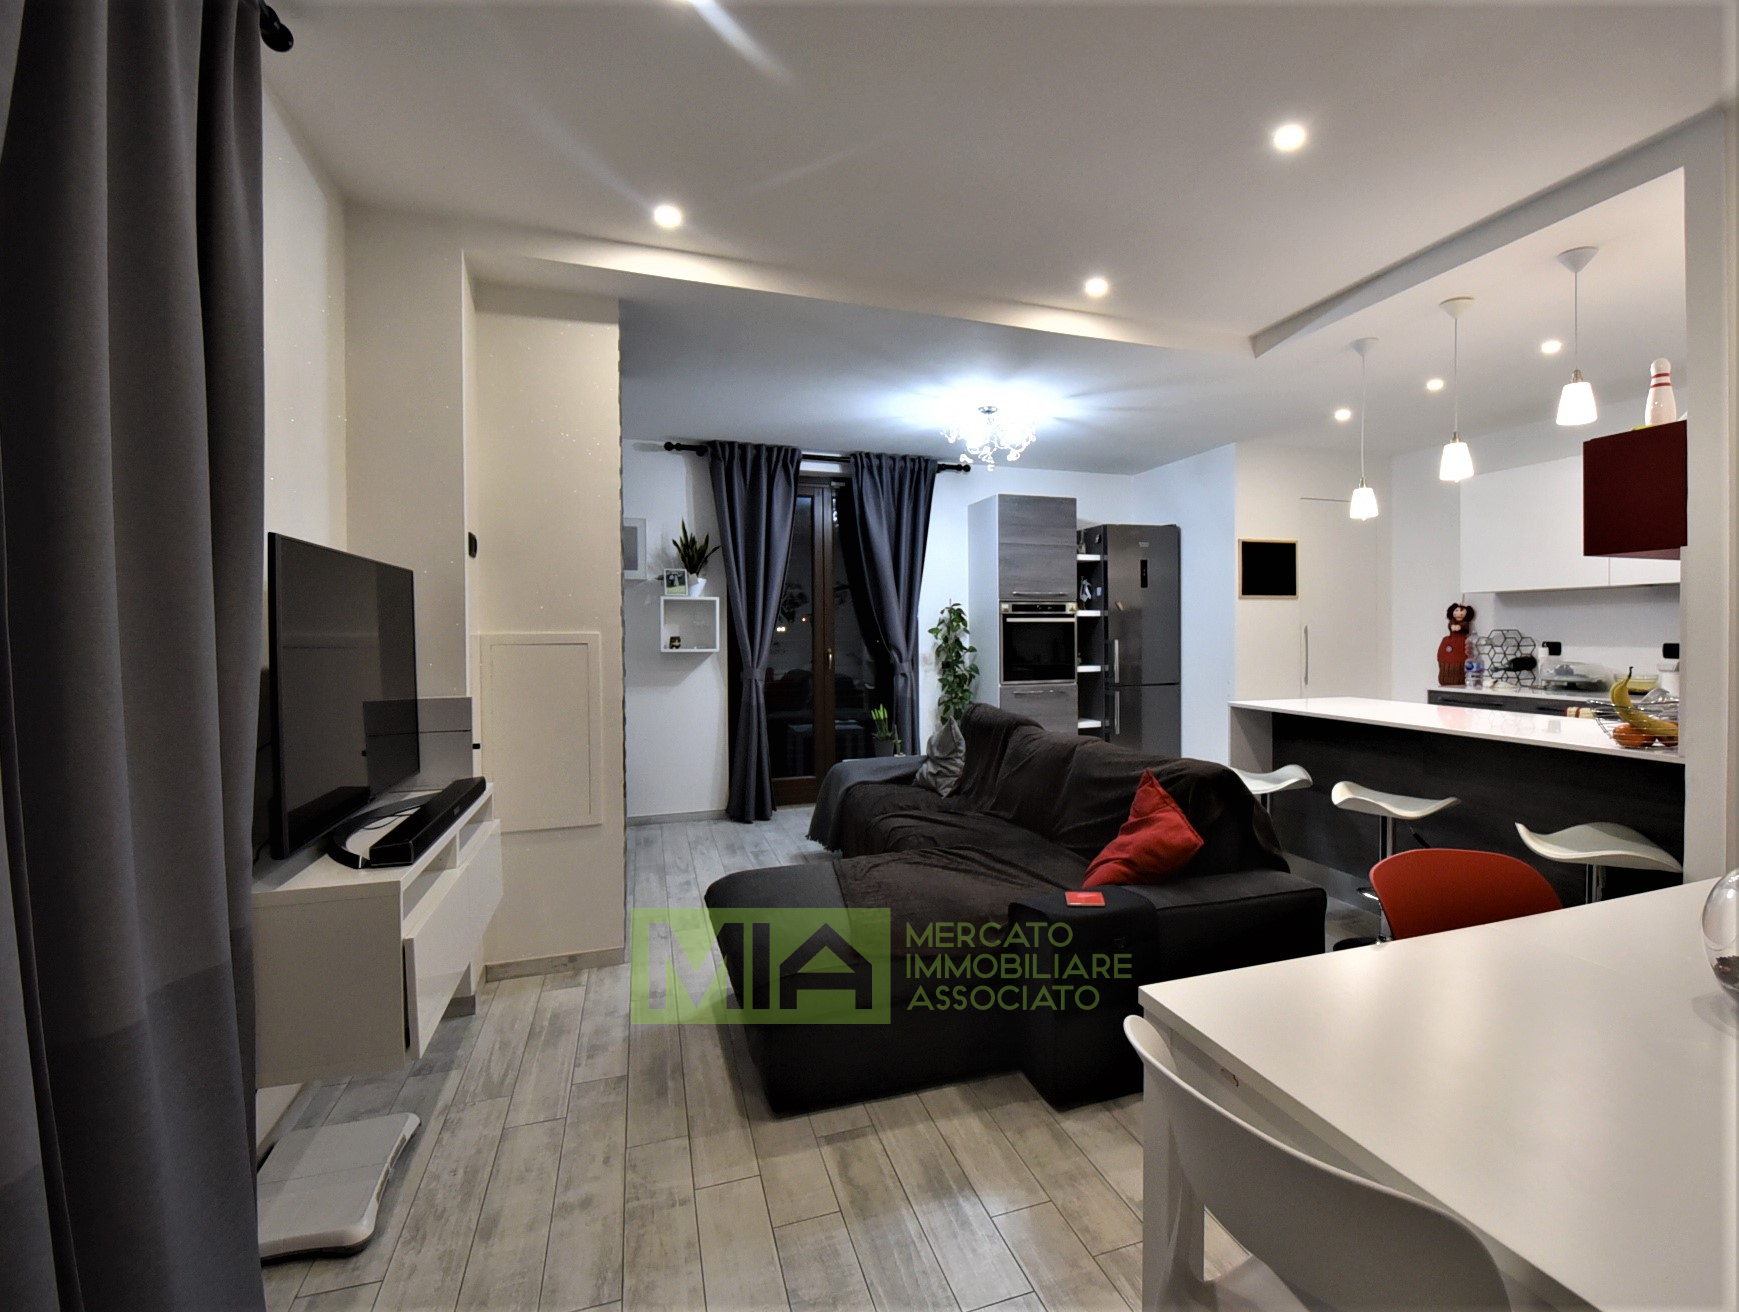 Appartamento in vendita a Amandola, 6 locali, zona Località: Centro, prezzo € 215.000   PortaleAgenzieImmobiliari.it